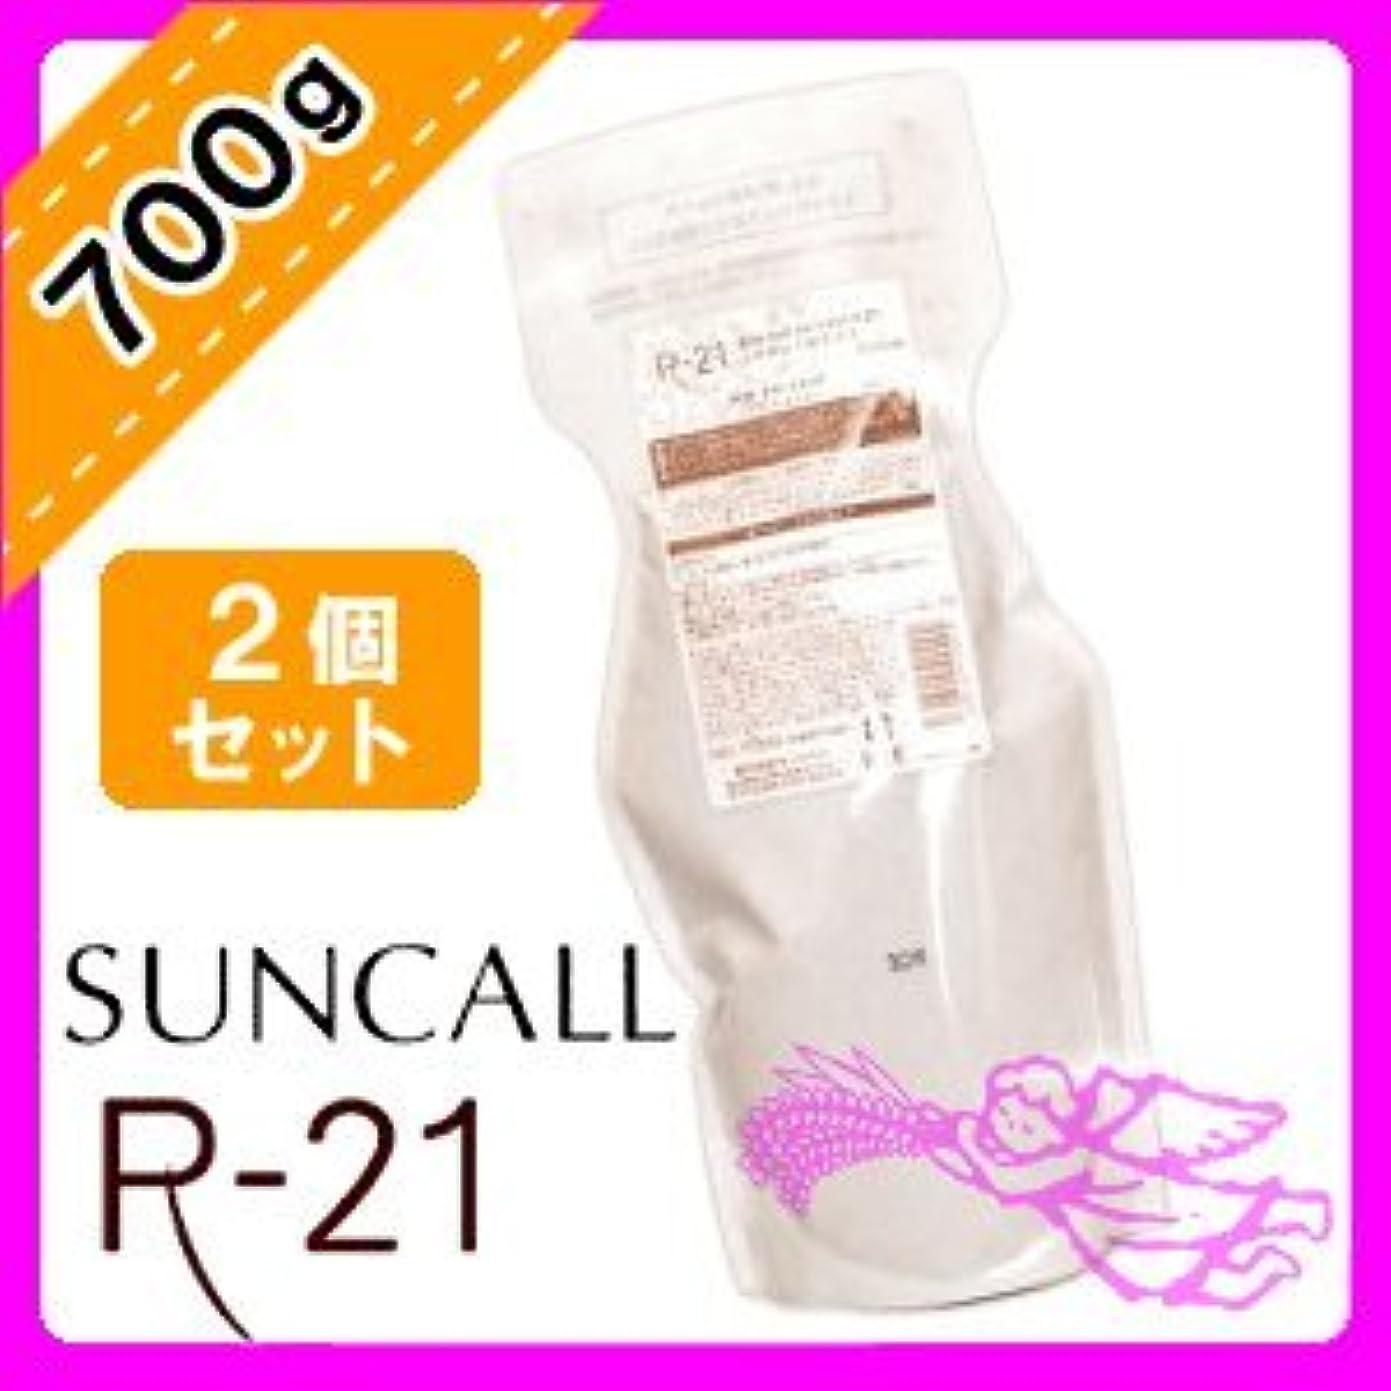 しおれたフェッチ不調和サンコール R-21 トリートメント 700g × 2個 セット 詰め替え用 髪を補修し、うるおい?つやを与えます SUNCALL R-21